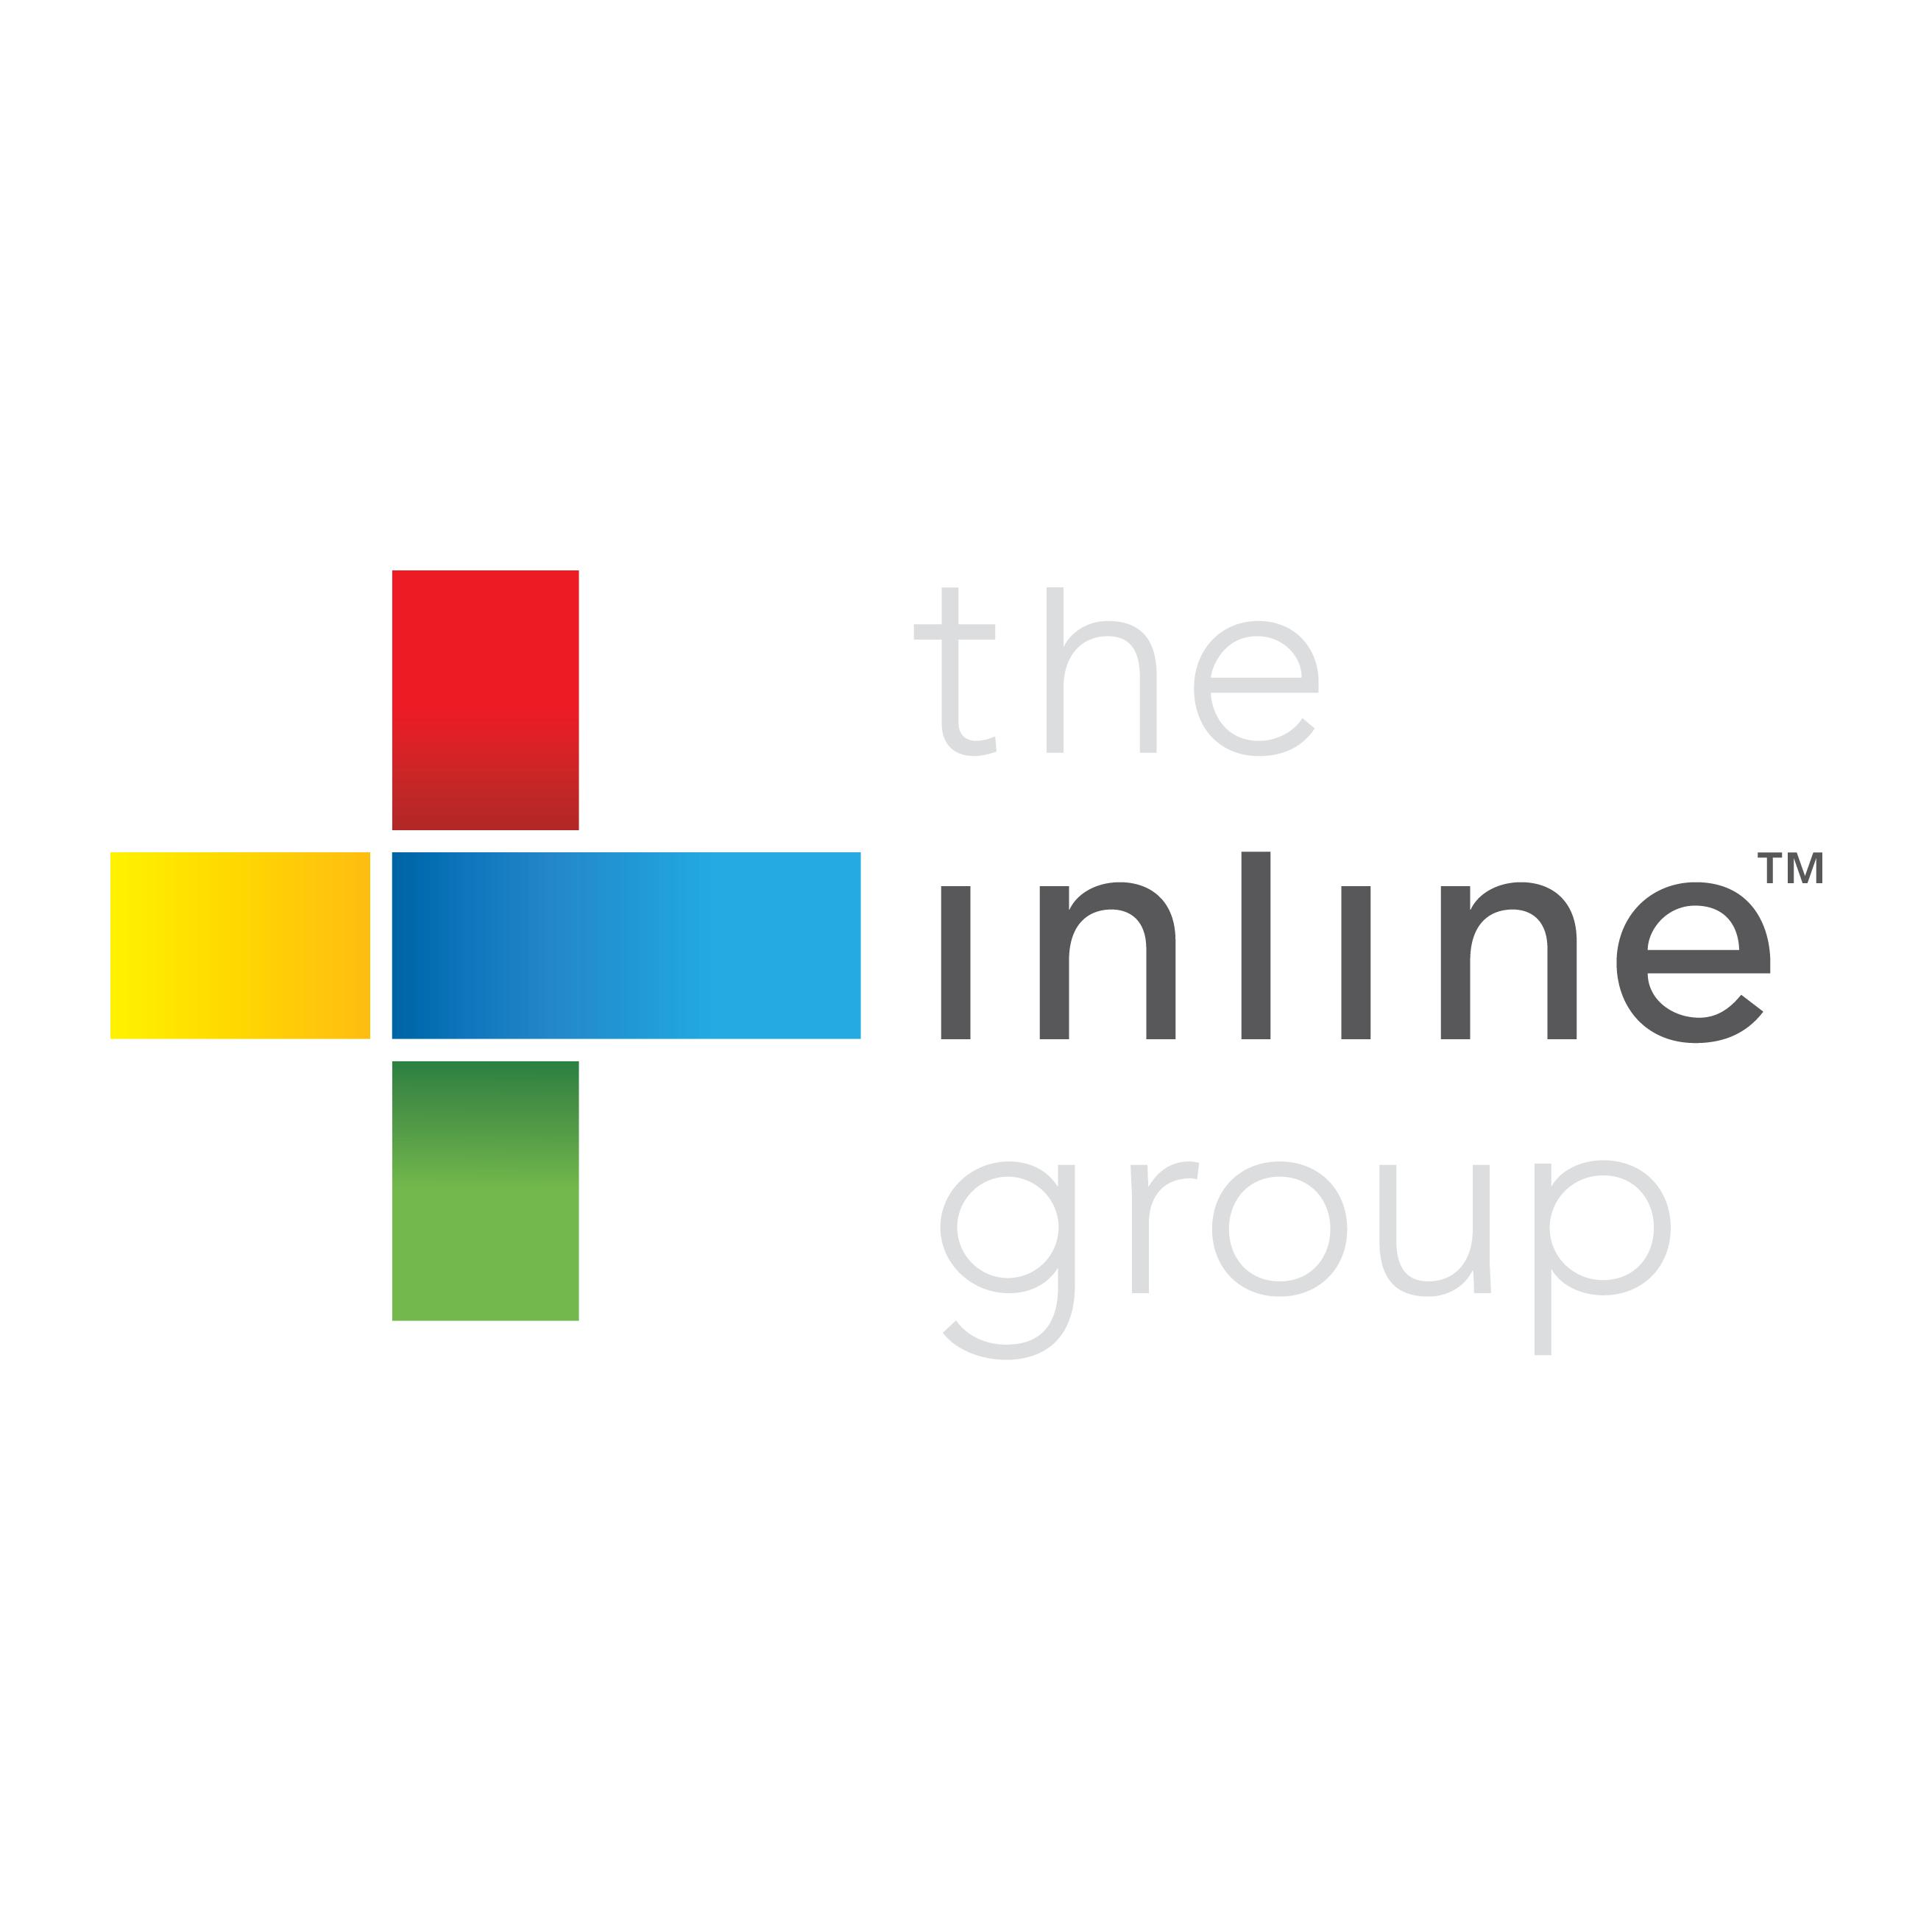 https://www.inline.group/